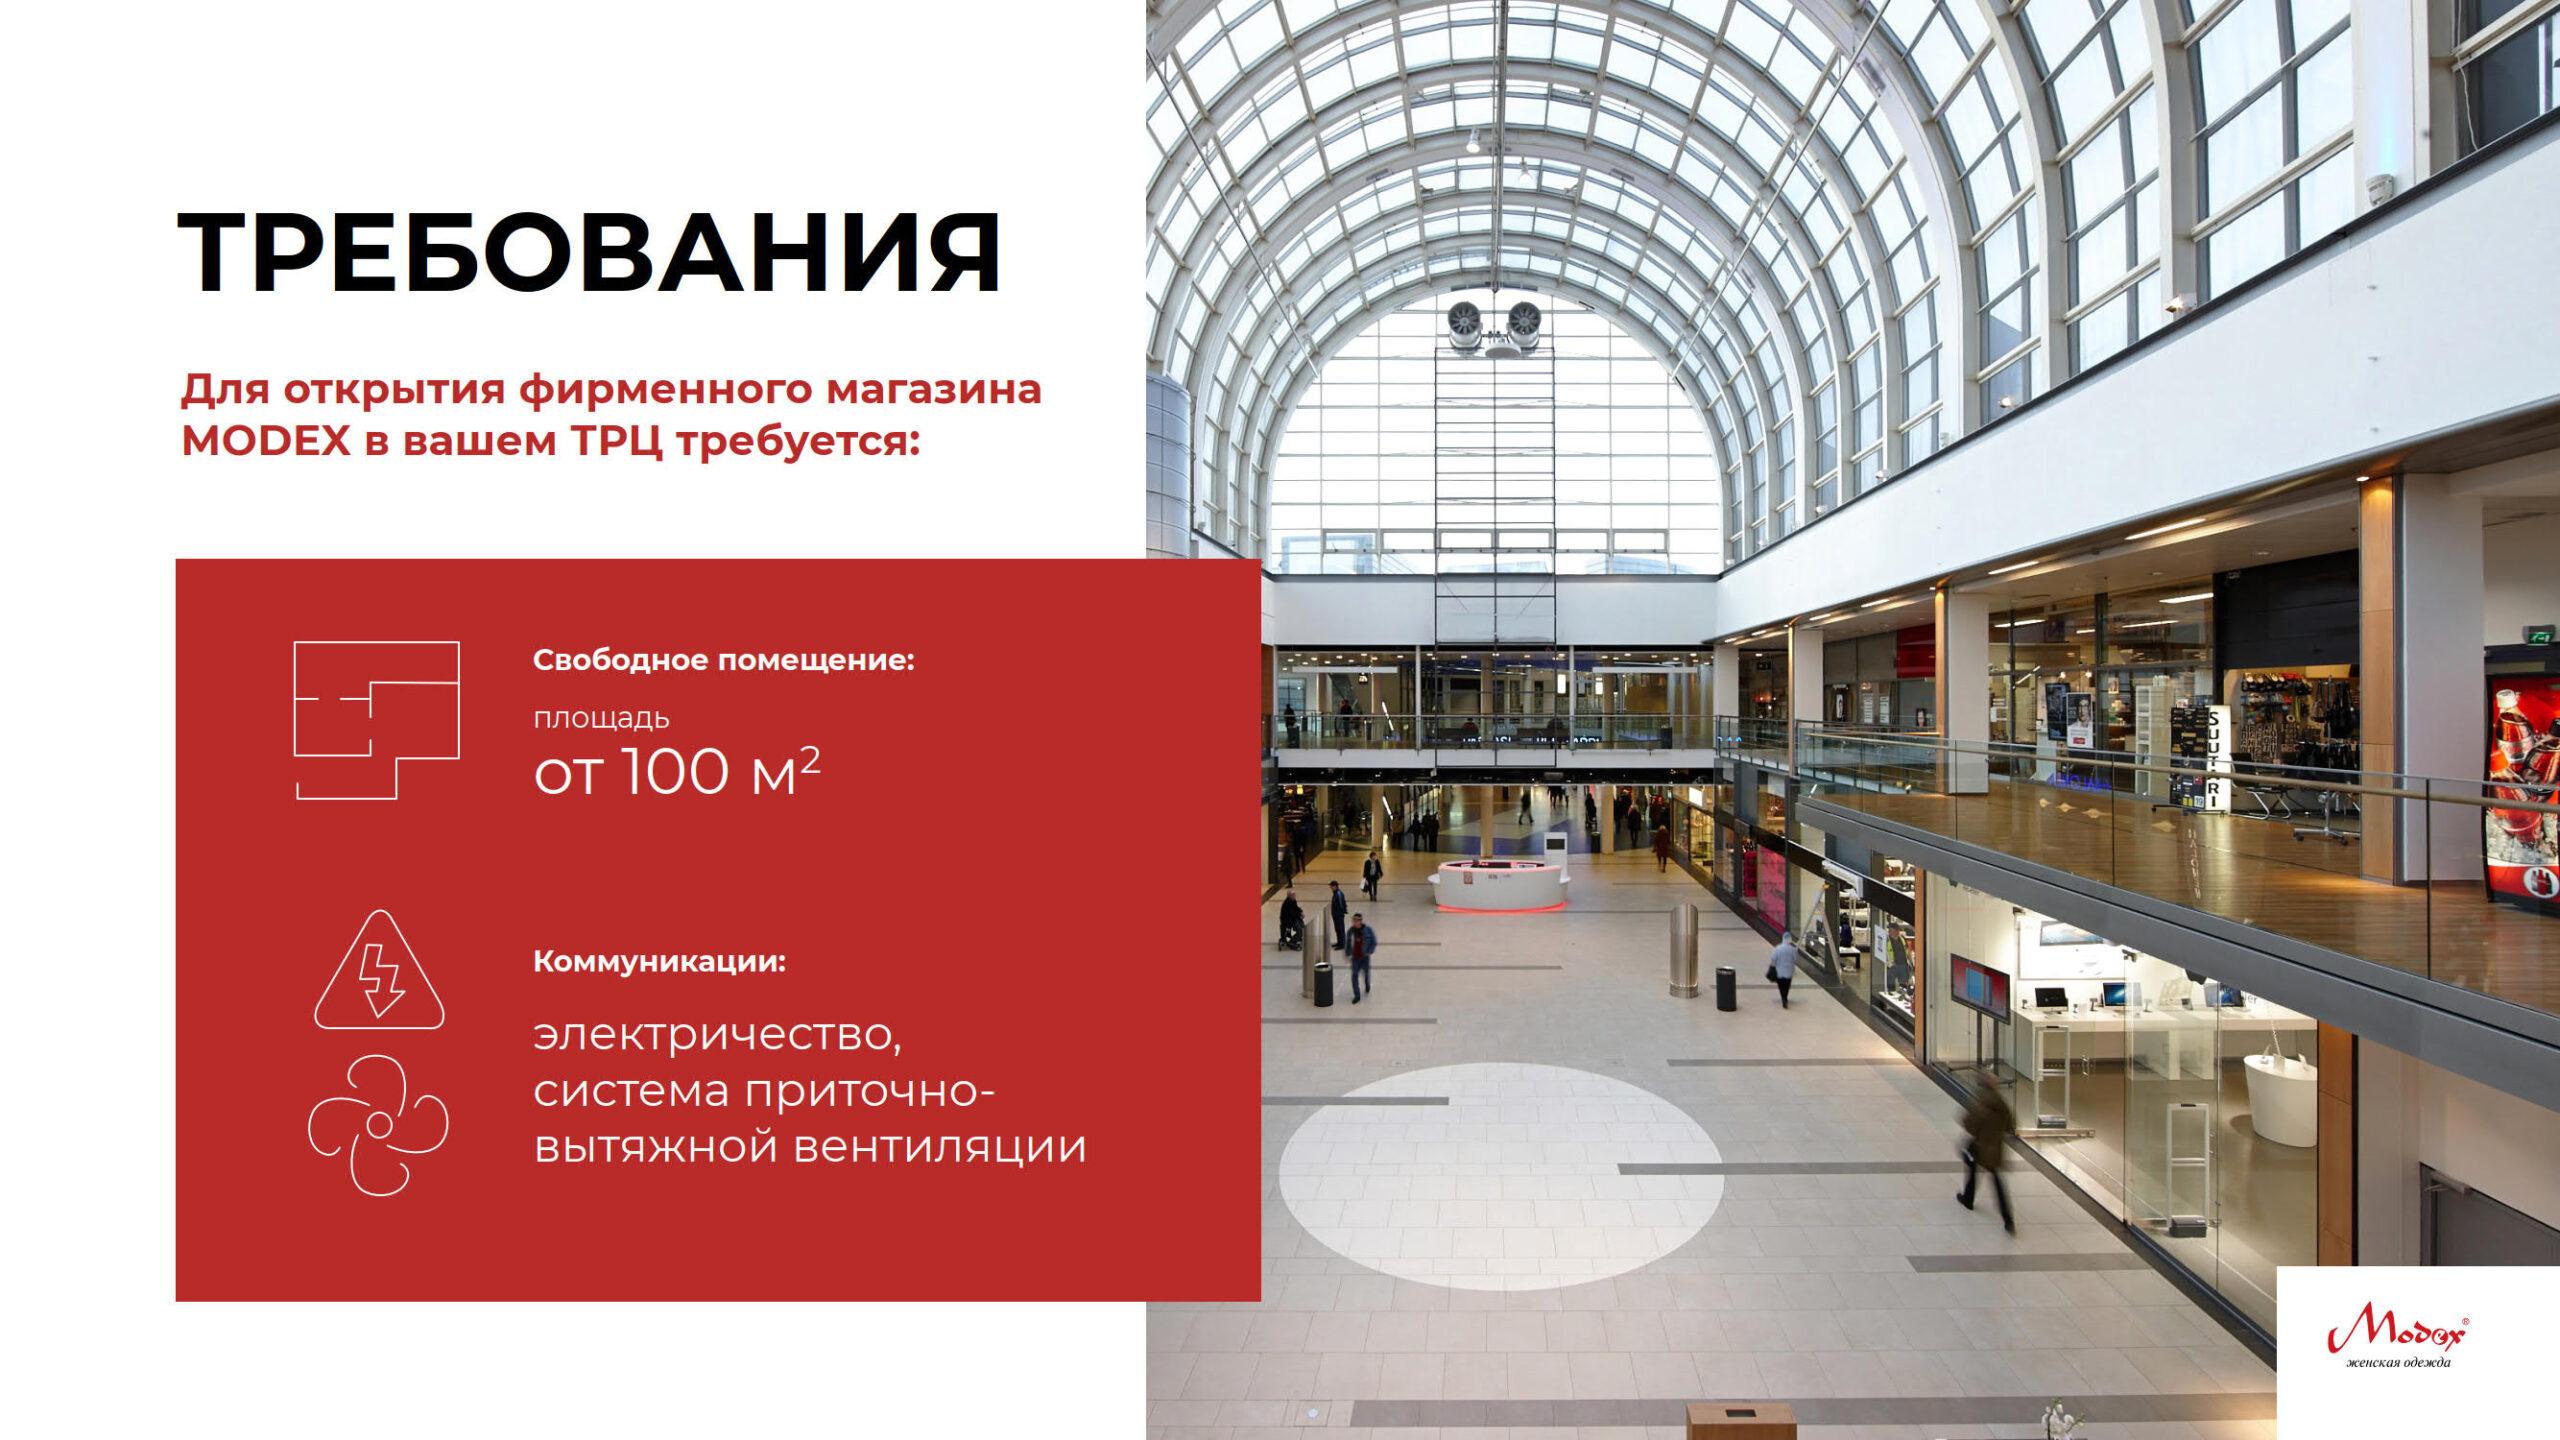 Презентация фирменных магазинов женской одежды для аренды места в ТЦ